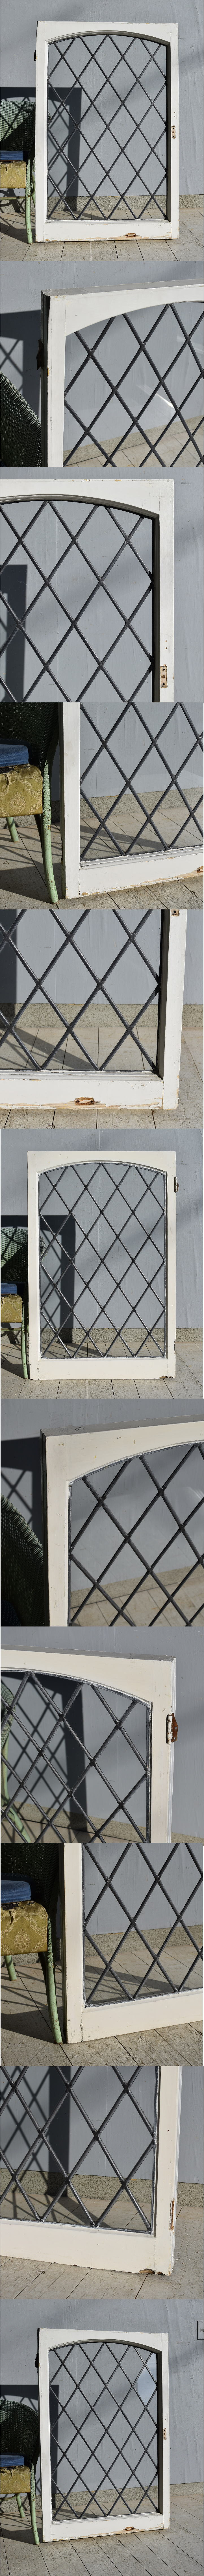 イギリス アンティーク 窓 ディスプレイ 建具 7576